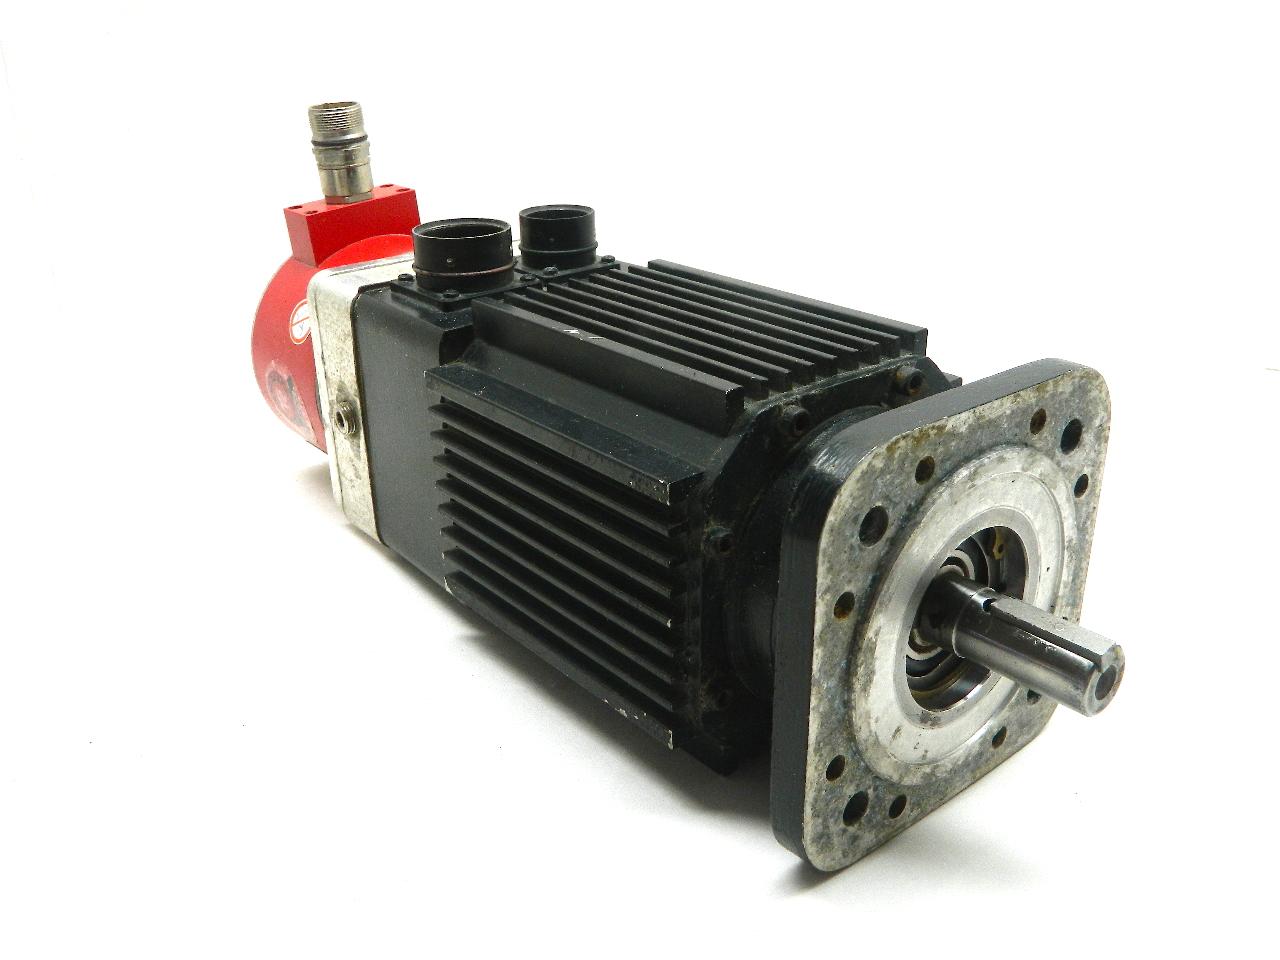 Allen Bradley 1326as B420g 21 Ac Servo Motor 1 2 Kw 5250